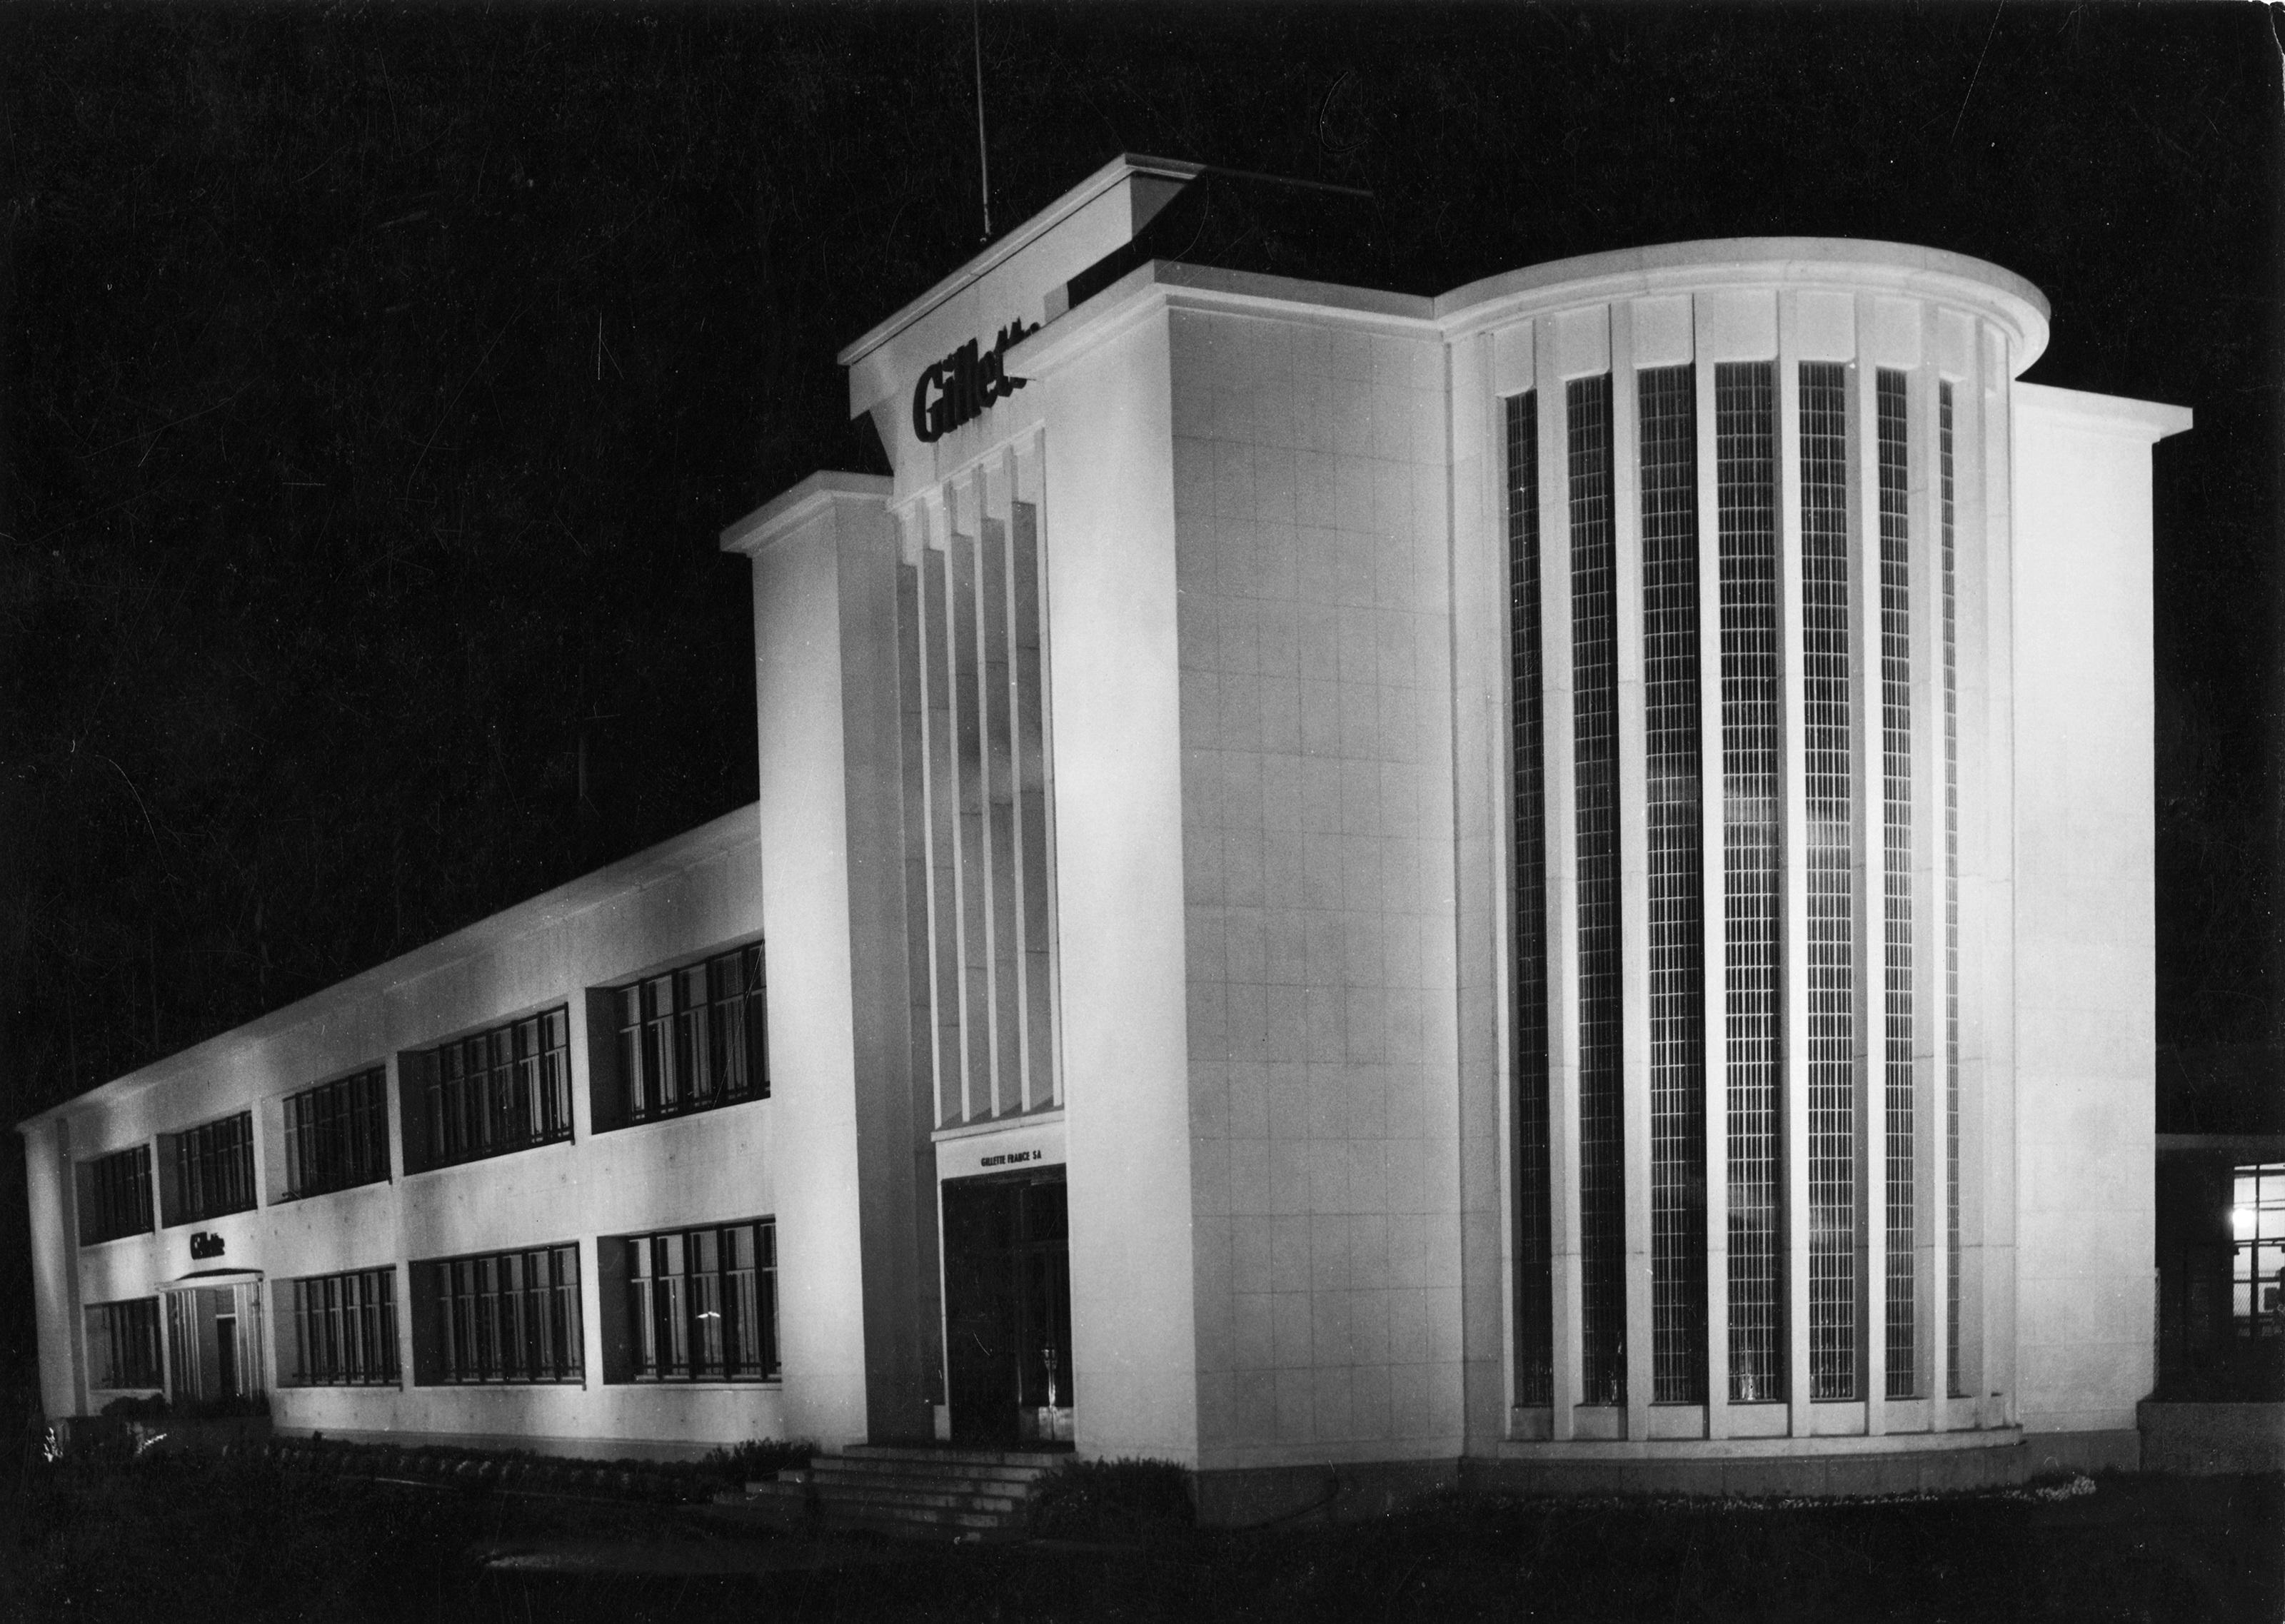 Immeuble Gillette